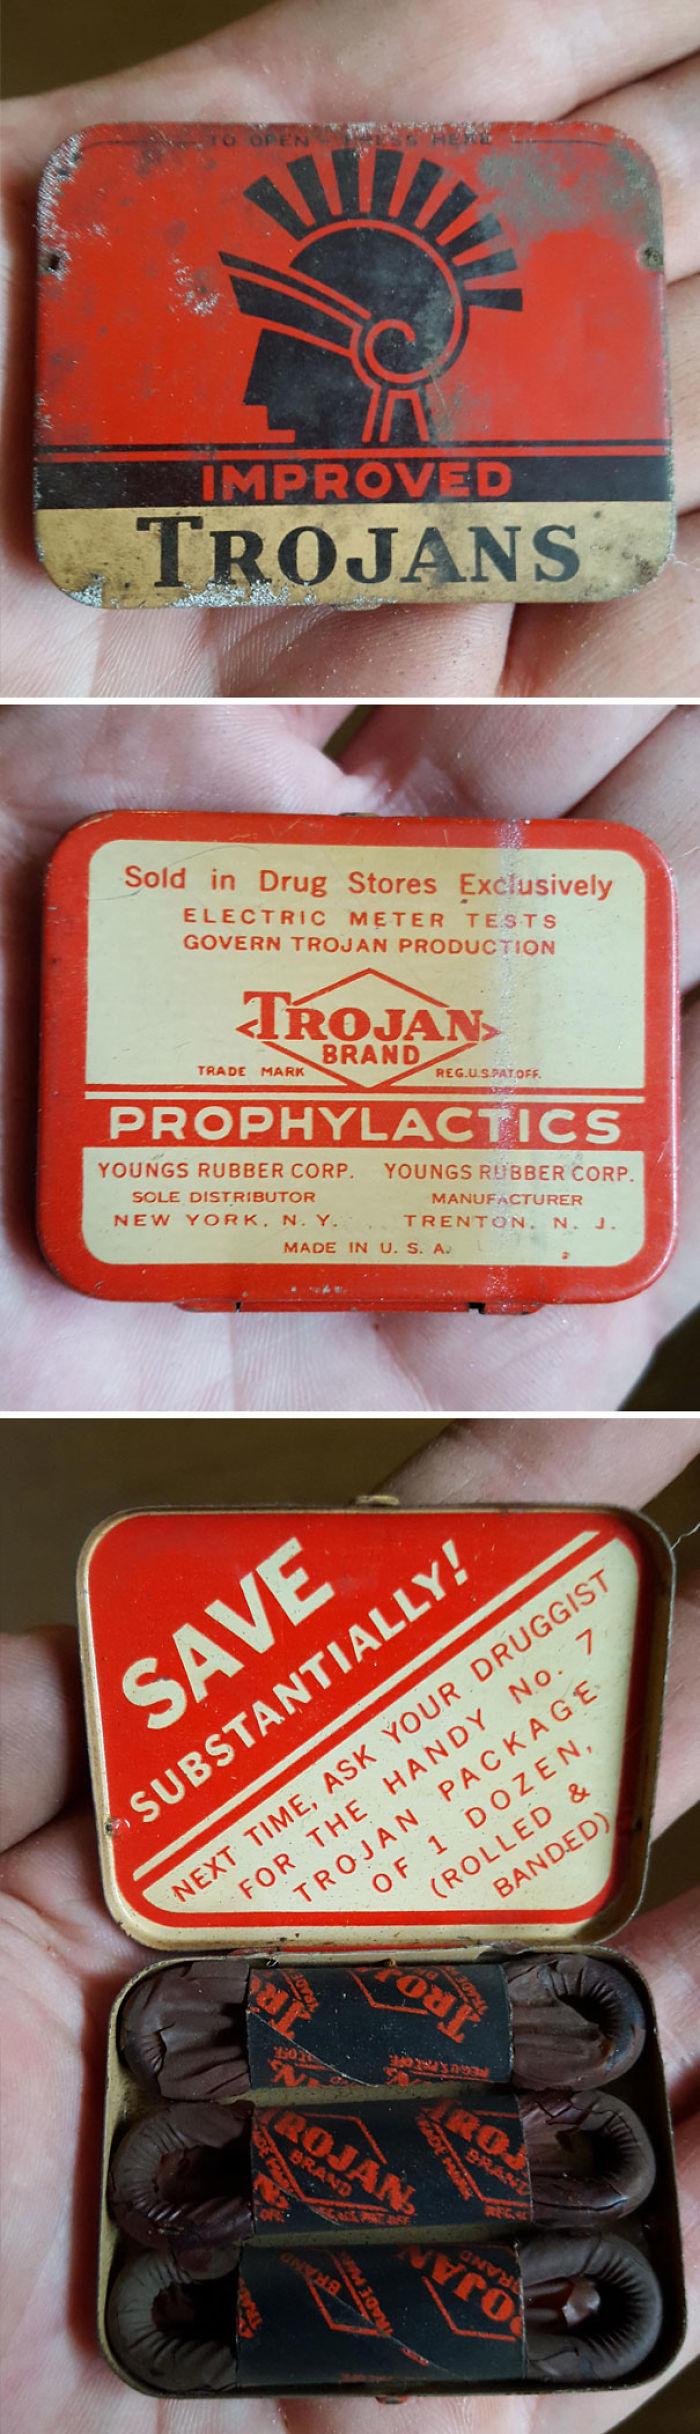 Estos condones tienen alrededor de 60 años (encontrados en mi sótano)